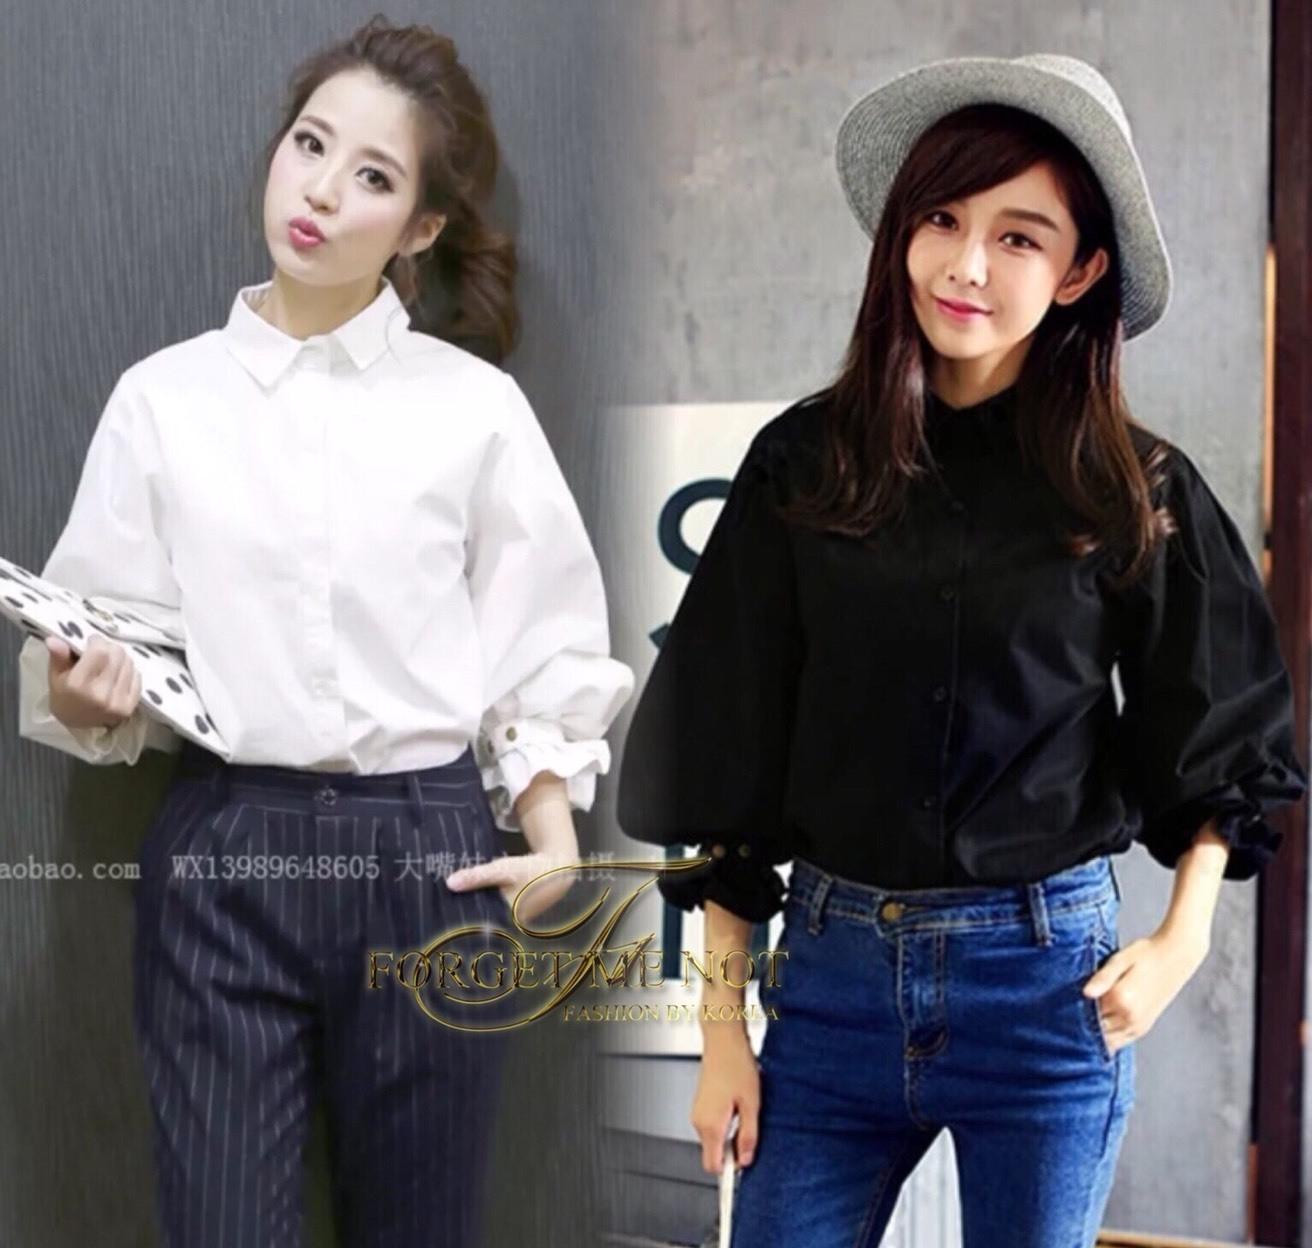 เสื้อเกาหลี พร้อมส่ง เสื้อเชิ้ต เนื้อนิ่ม ผ้า cotton 100%